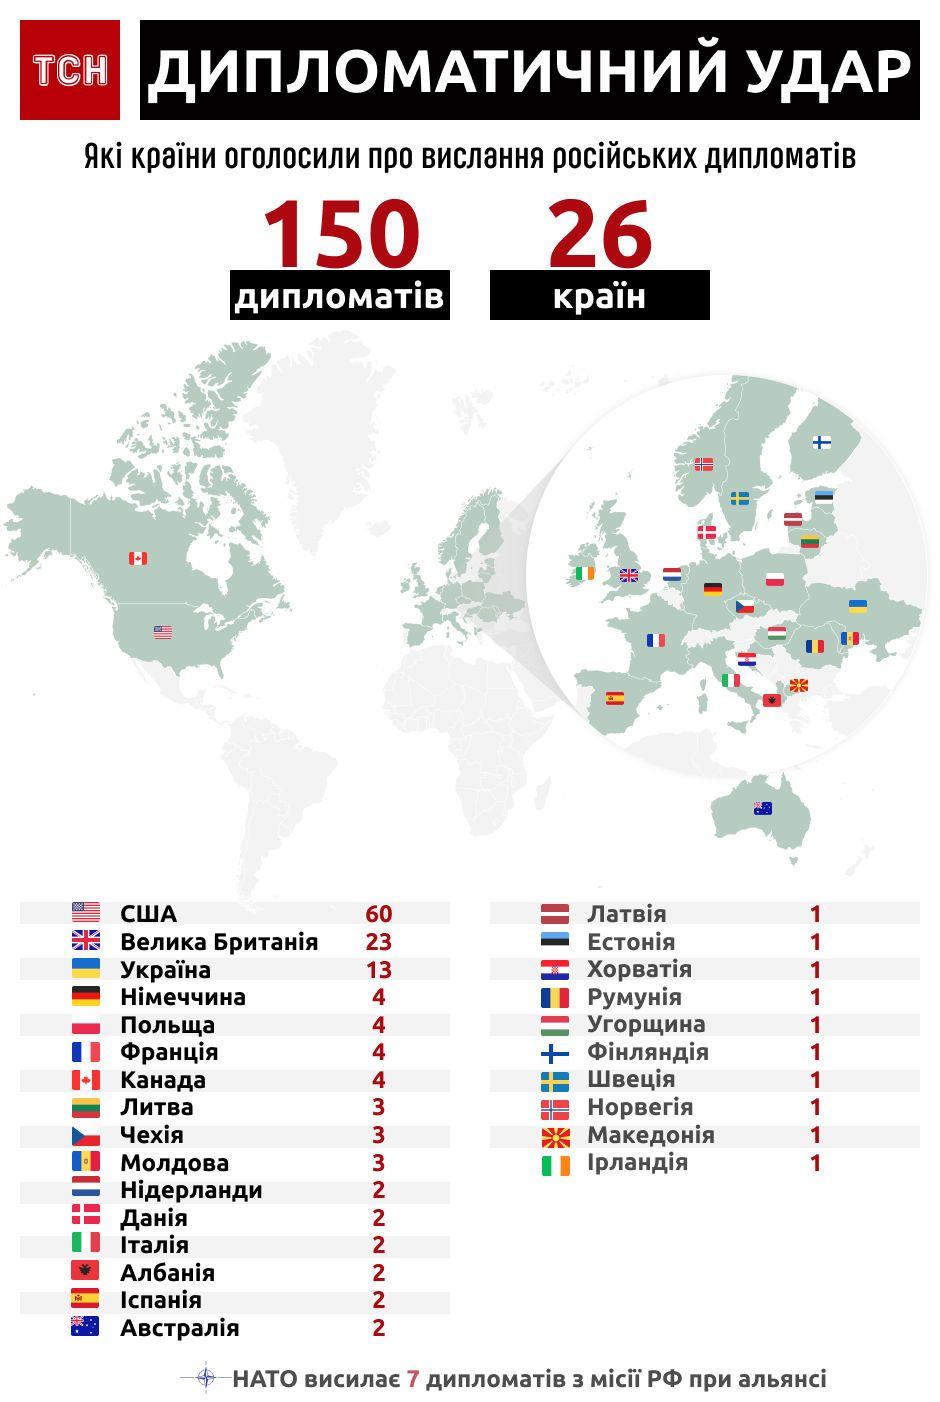 Країни, які вислали російських дипломатів. Інфографіка